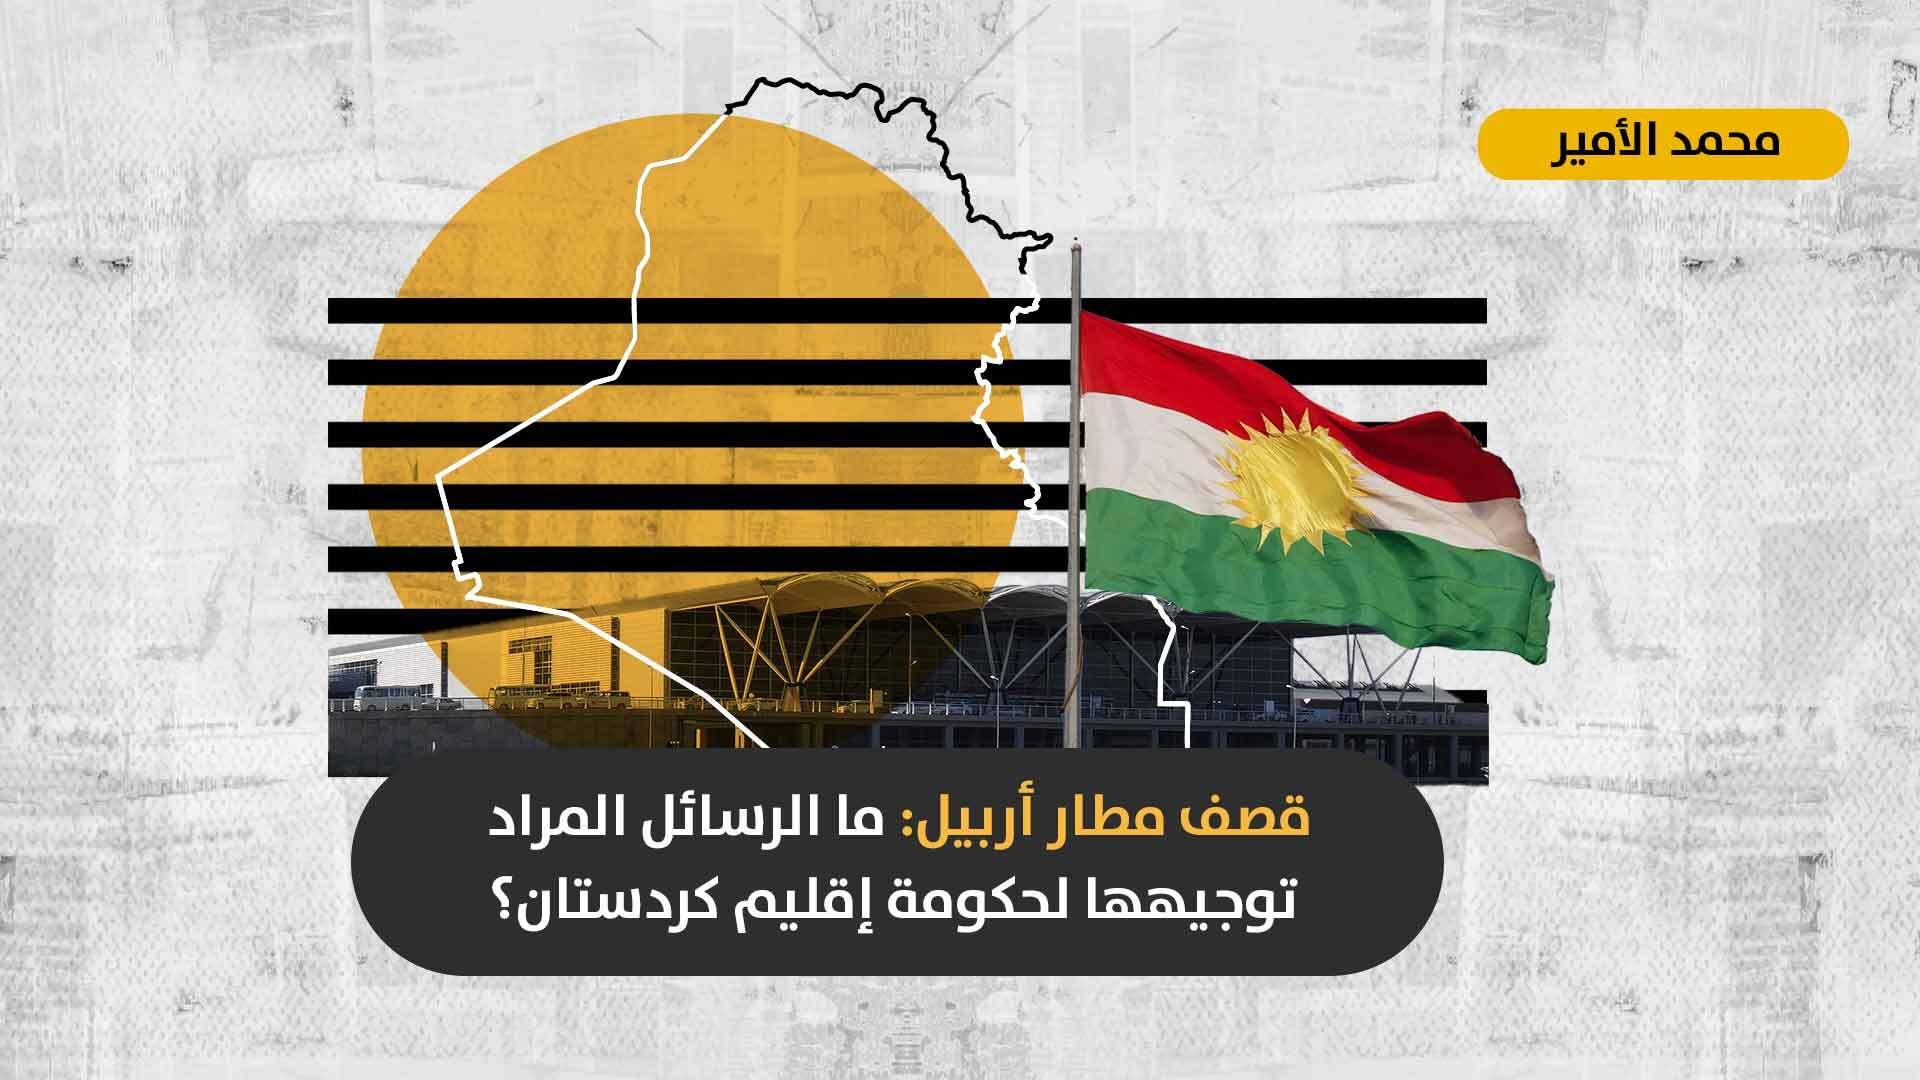 الهجوم على مطار أربيل: هل صار إقليم كردستان ساحة أساسية للصراع الأميركي-الإيراني؟